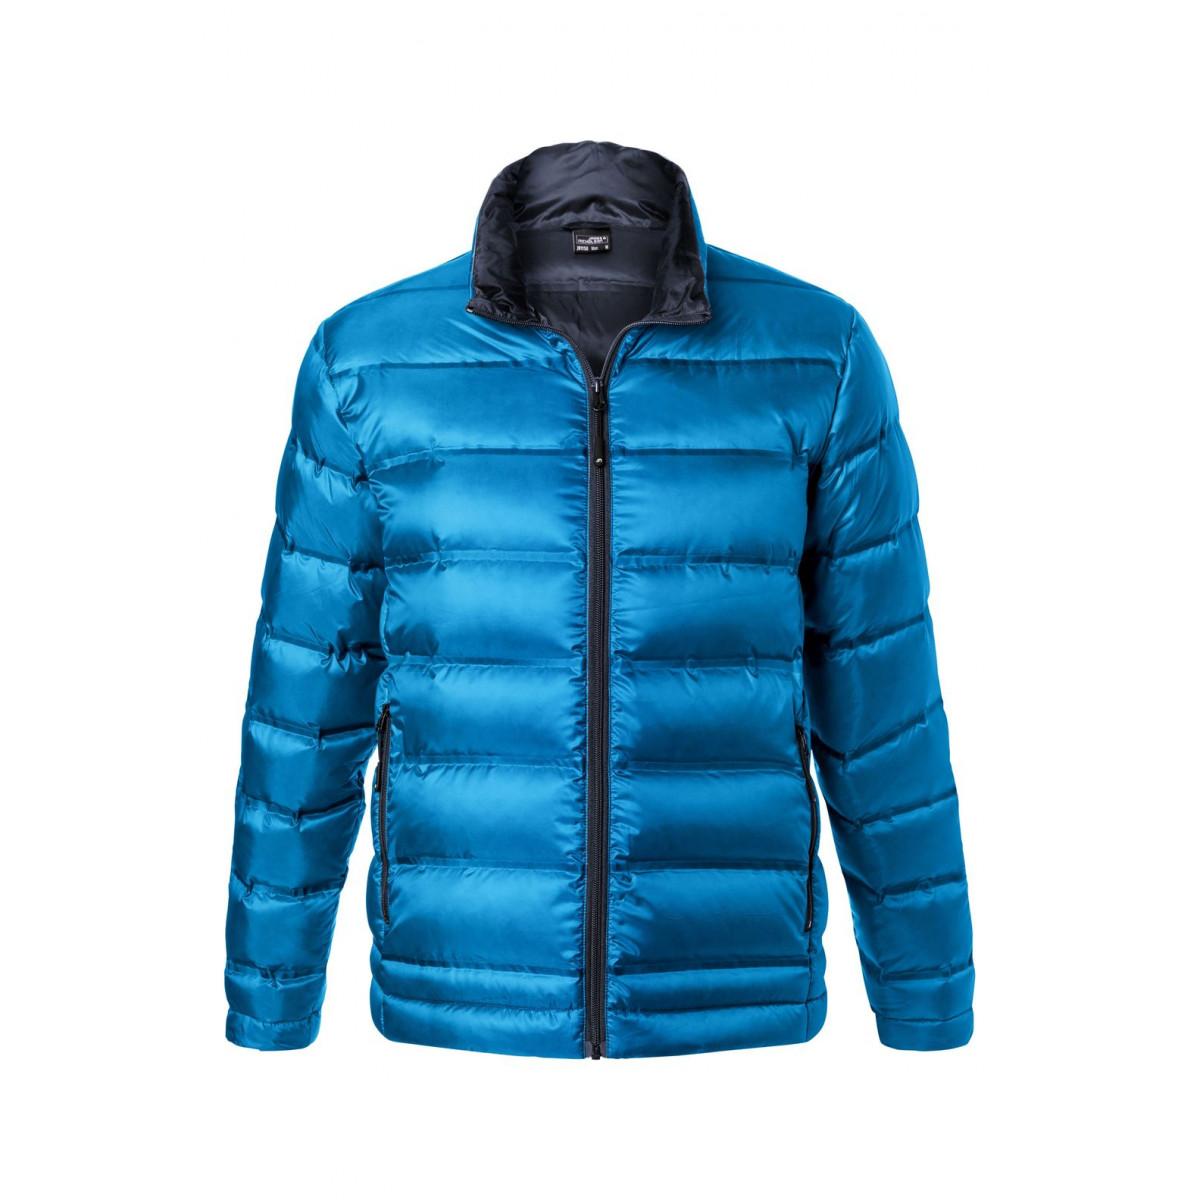 Куртка мужская JN1150 Mens Down Jacket - Синий/Темно-синий